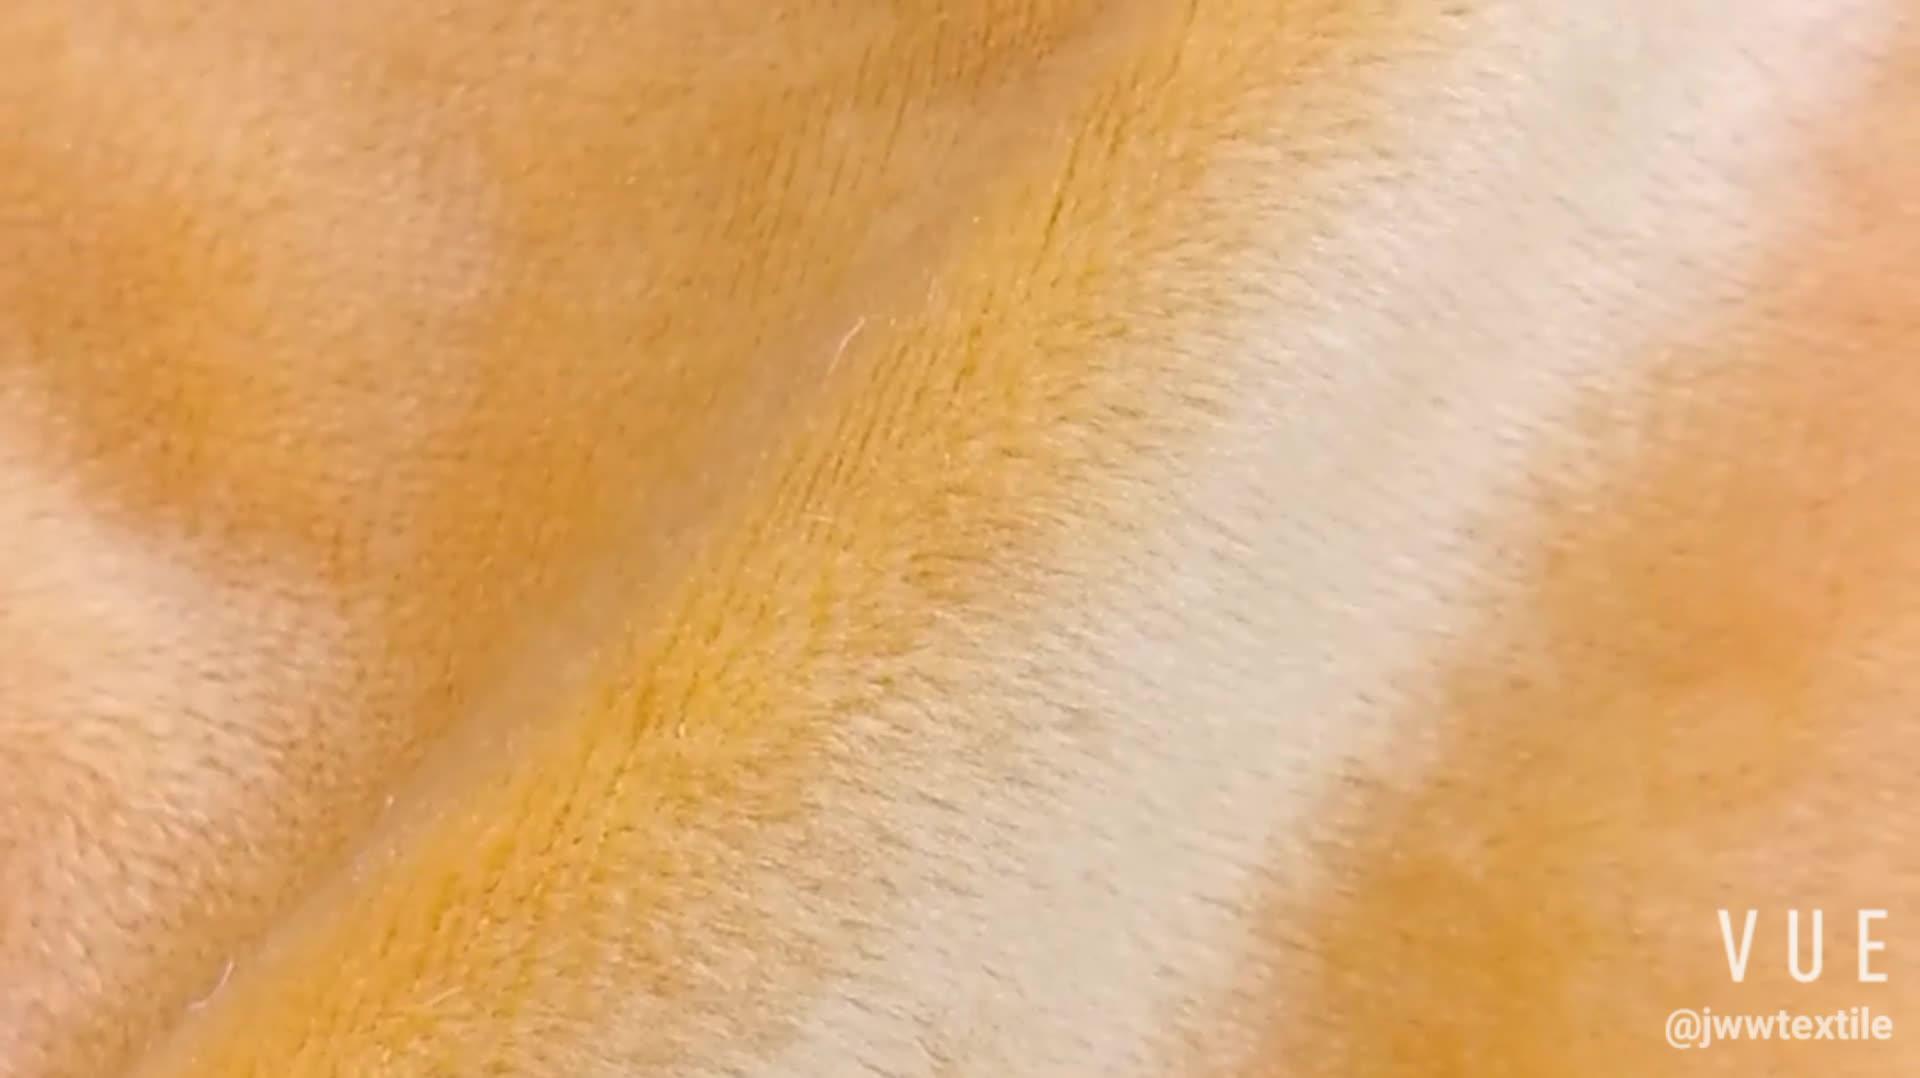 सुपर नरम कोरियाई गुणवत्ता कंबल कपड़े चीन में फैक्टरी